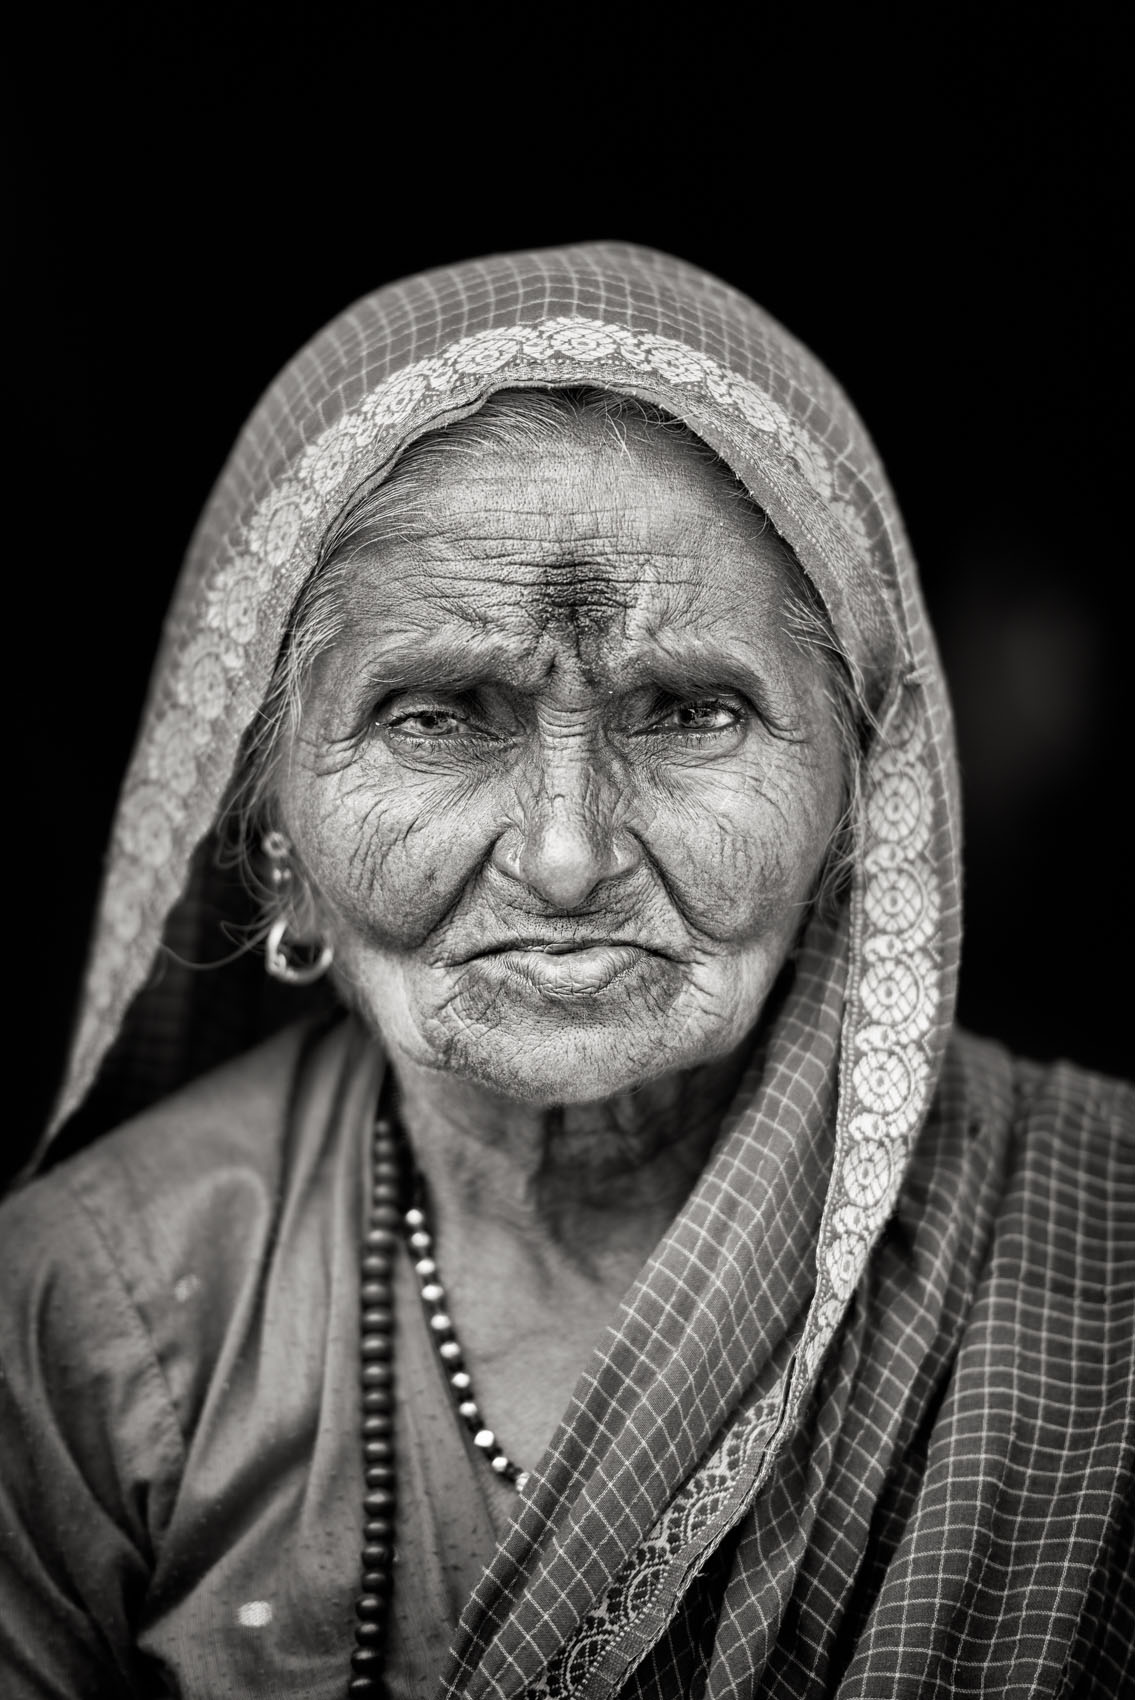 Foto van een vrouw met doek op hoofd en geverfde plek boven neus